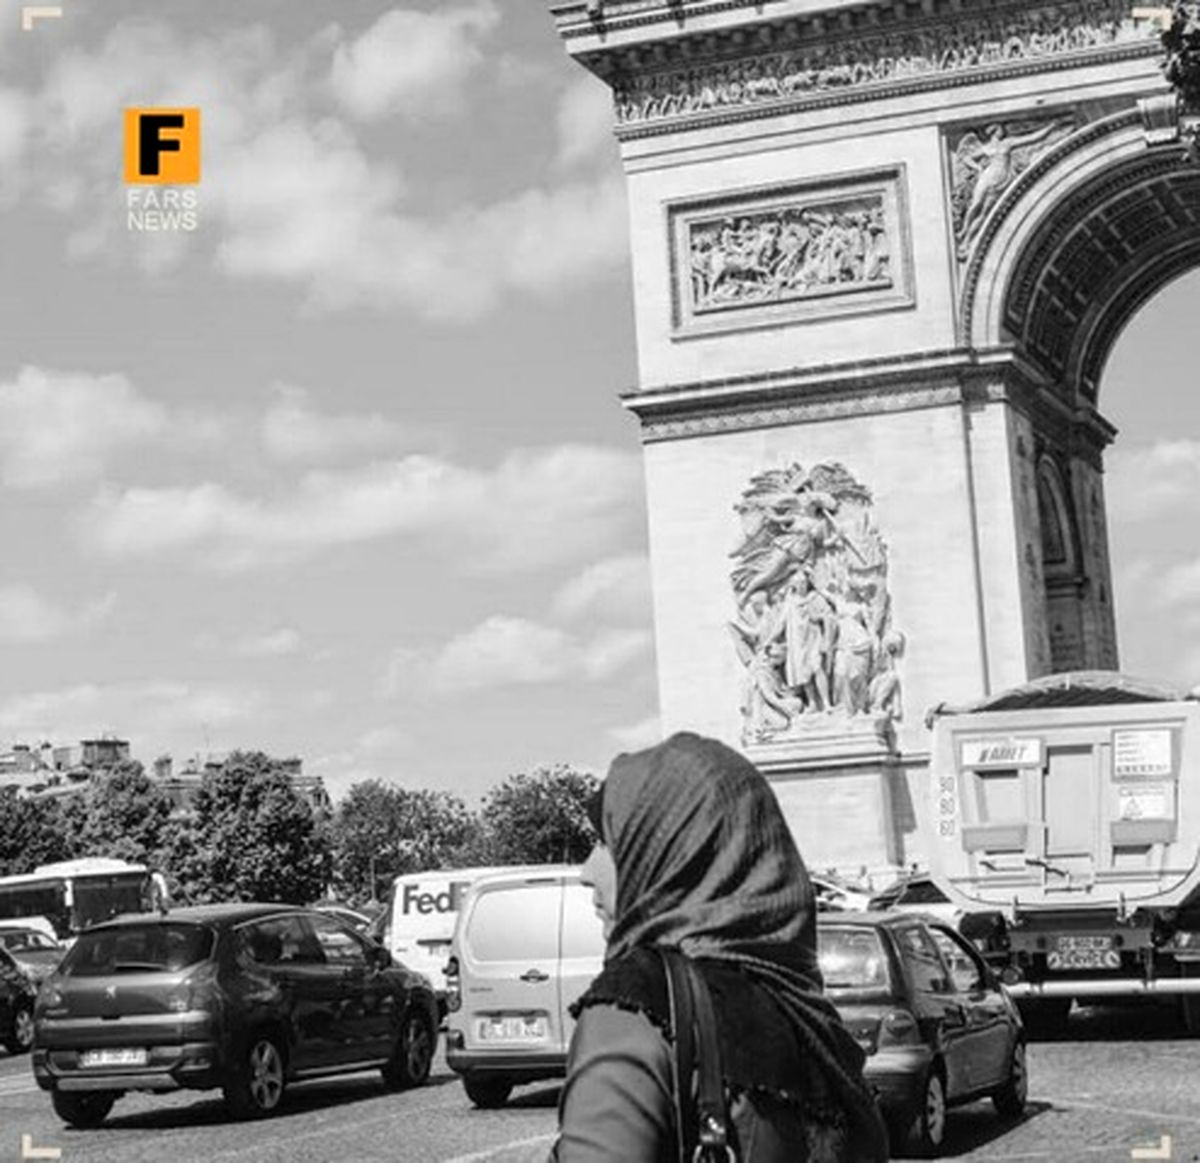 حجاب خار چشم وزیر فرانسوی